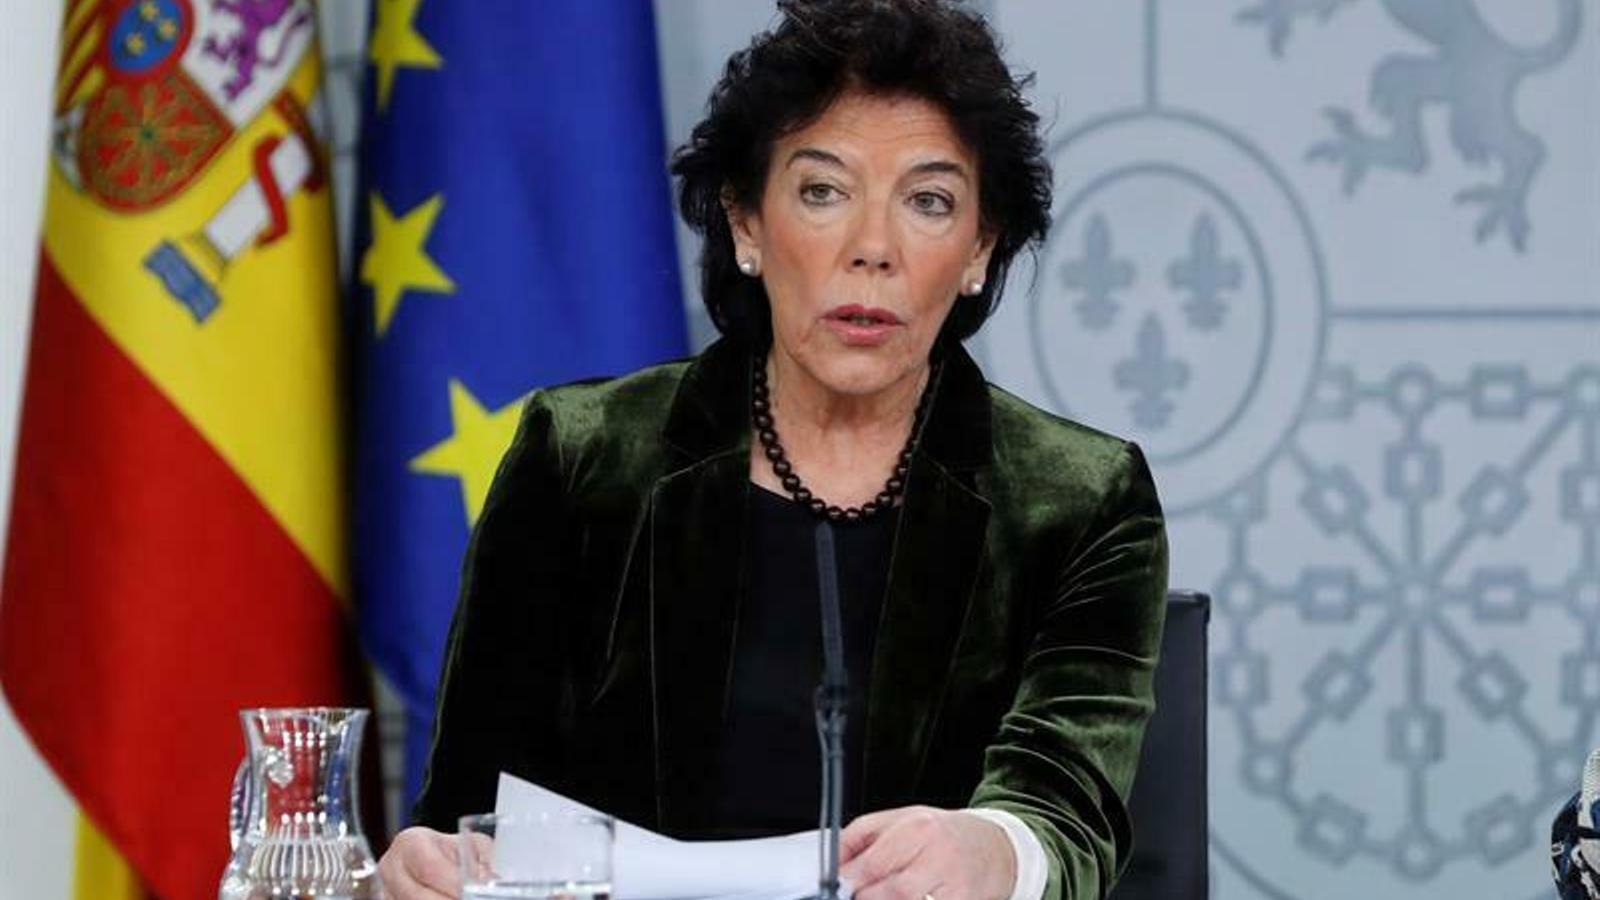 La portaveu del govern espanyol en funcions, Isabel Celaá, en una imatge d'arxiu